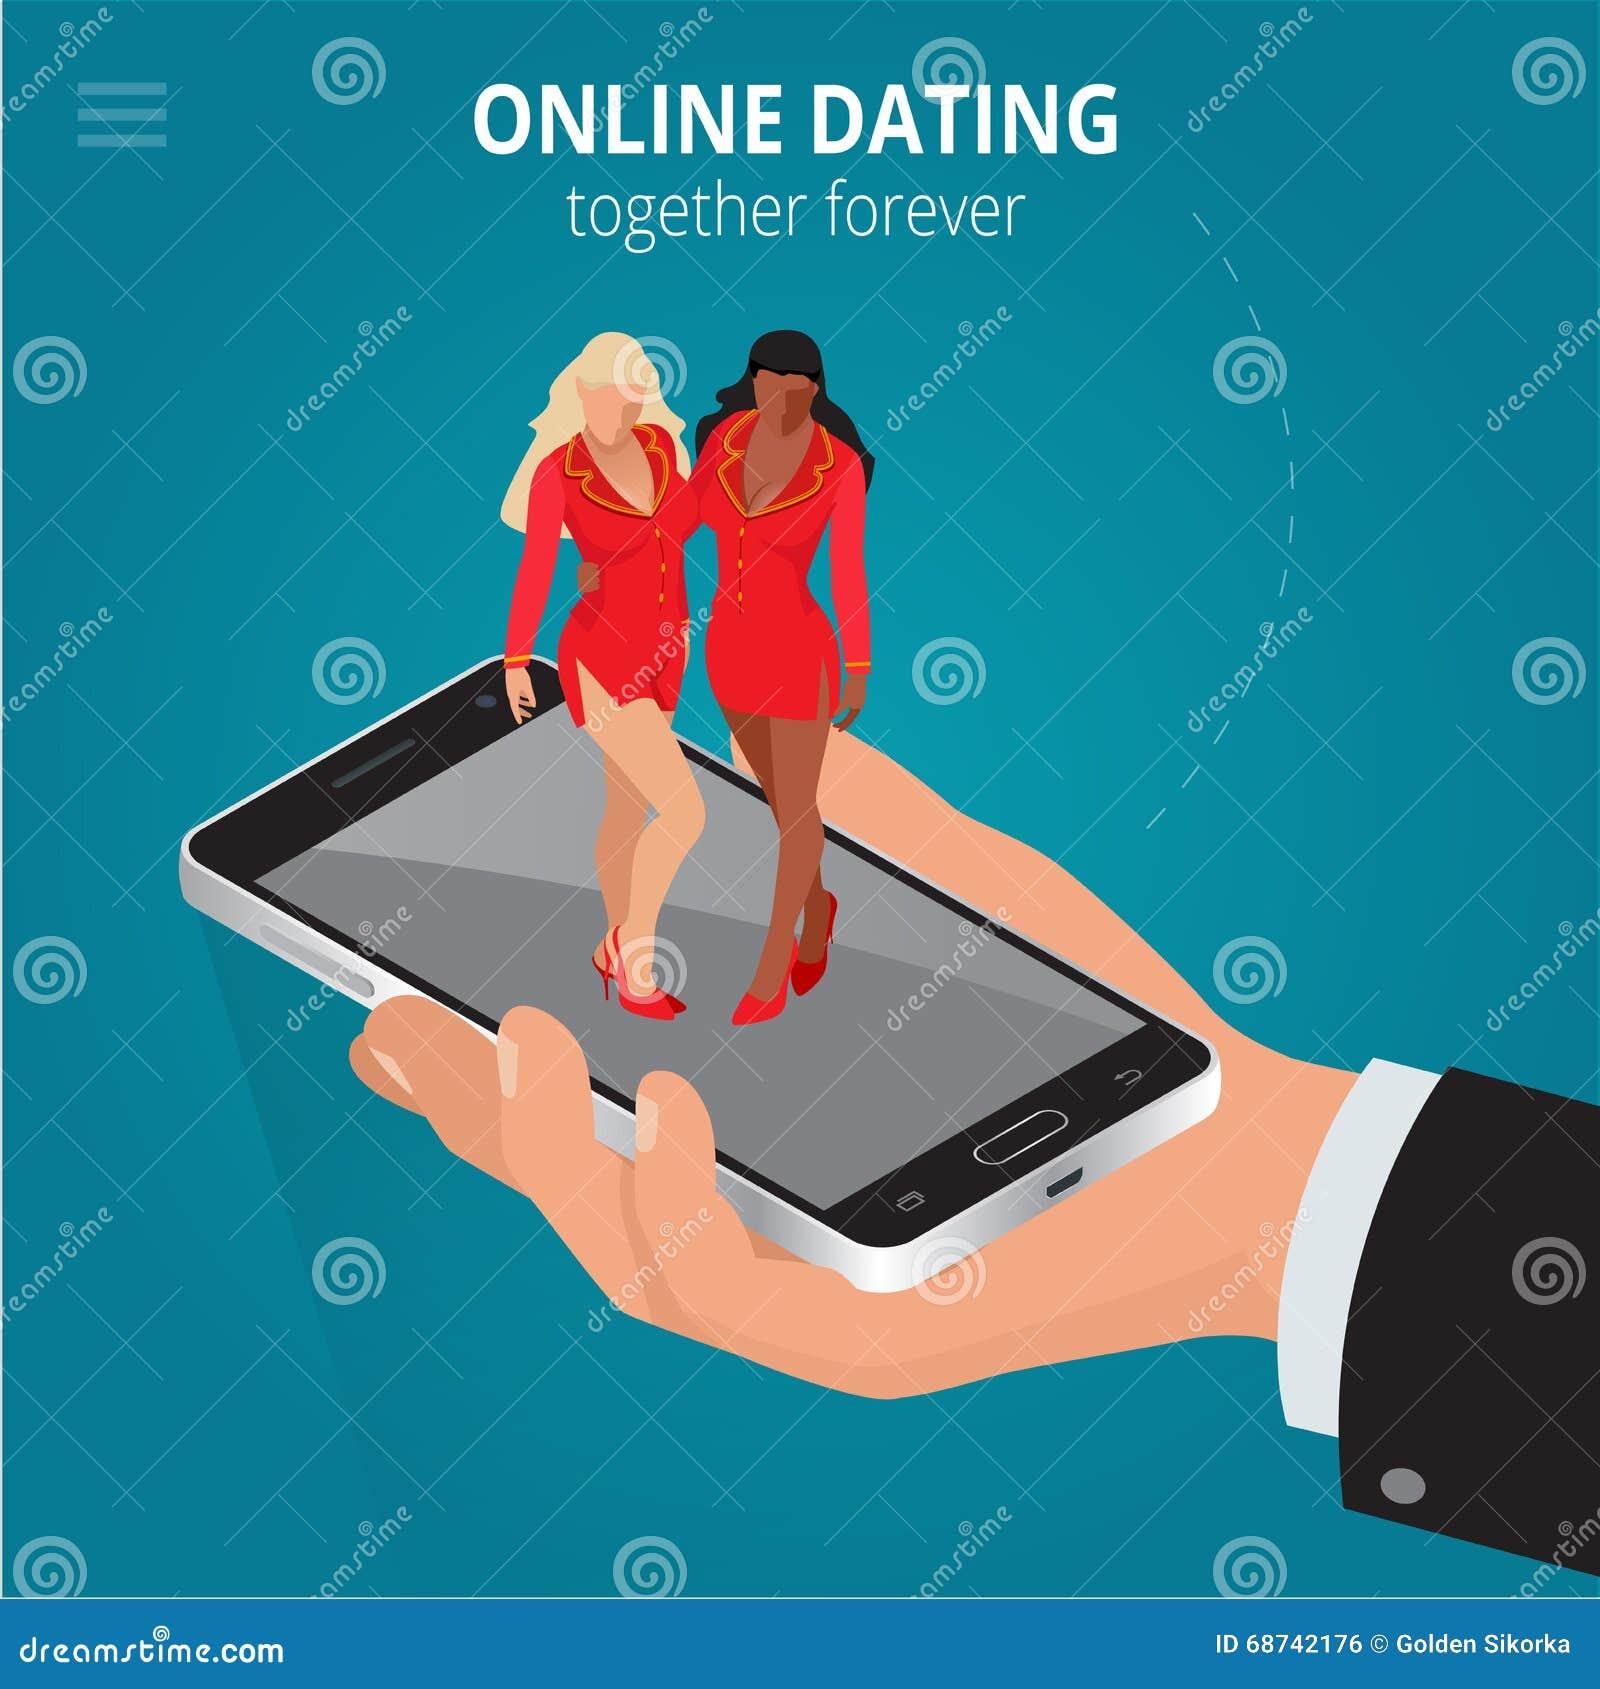 Radio metrisk dating definition kemi